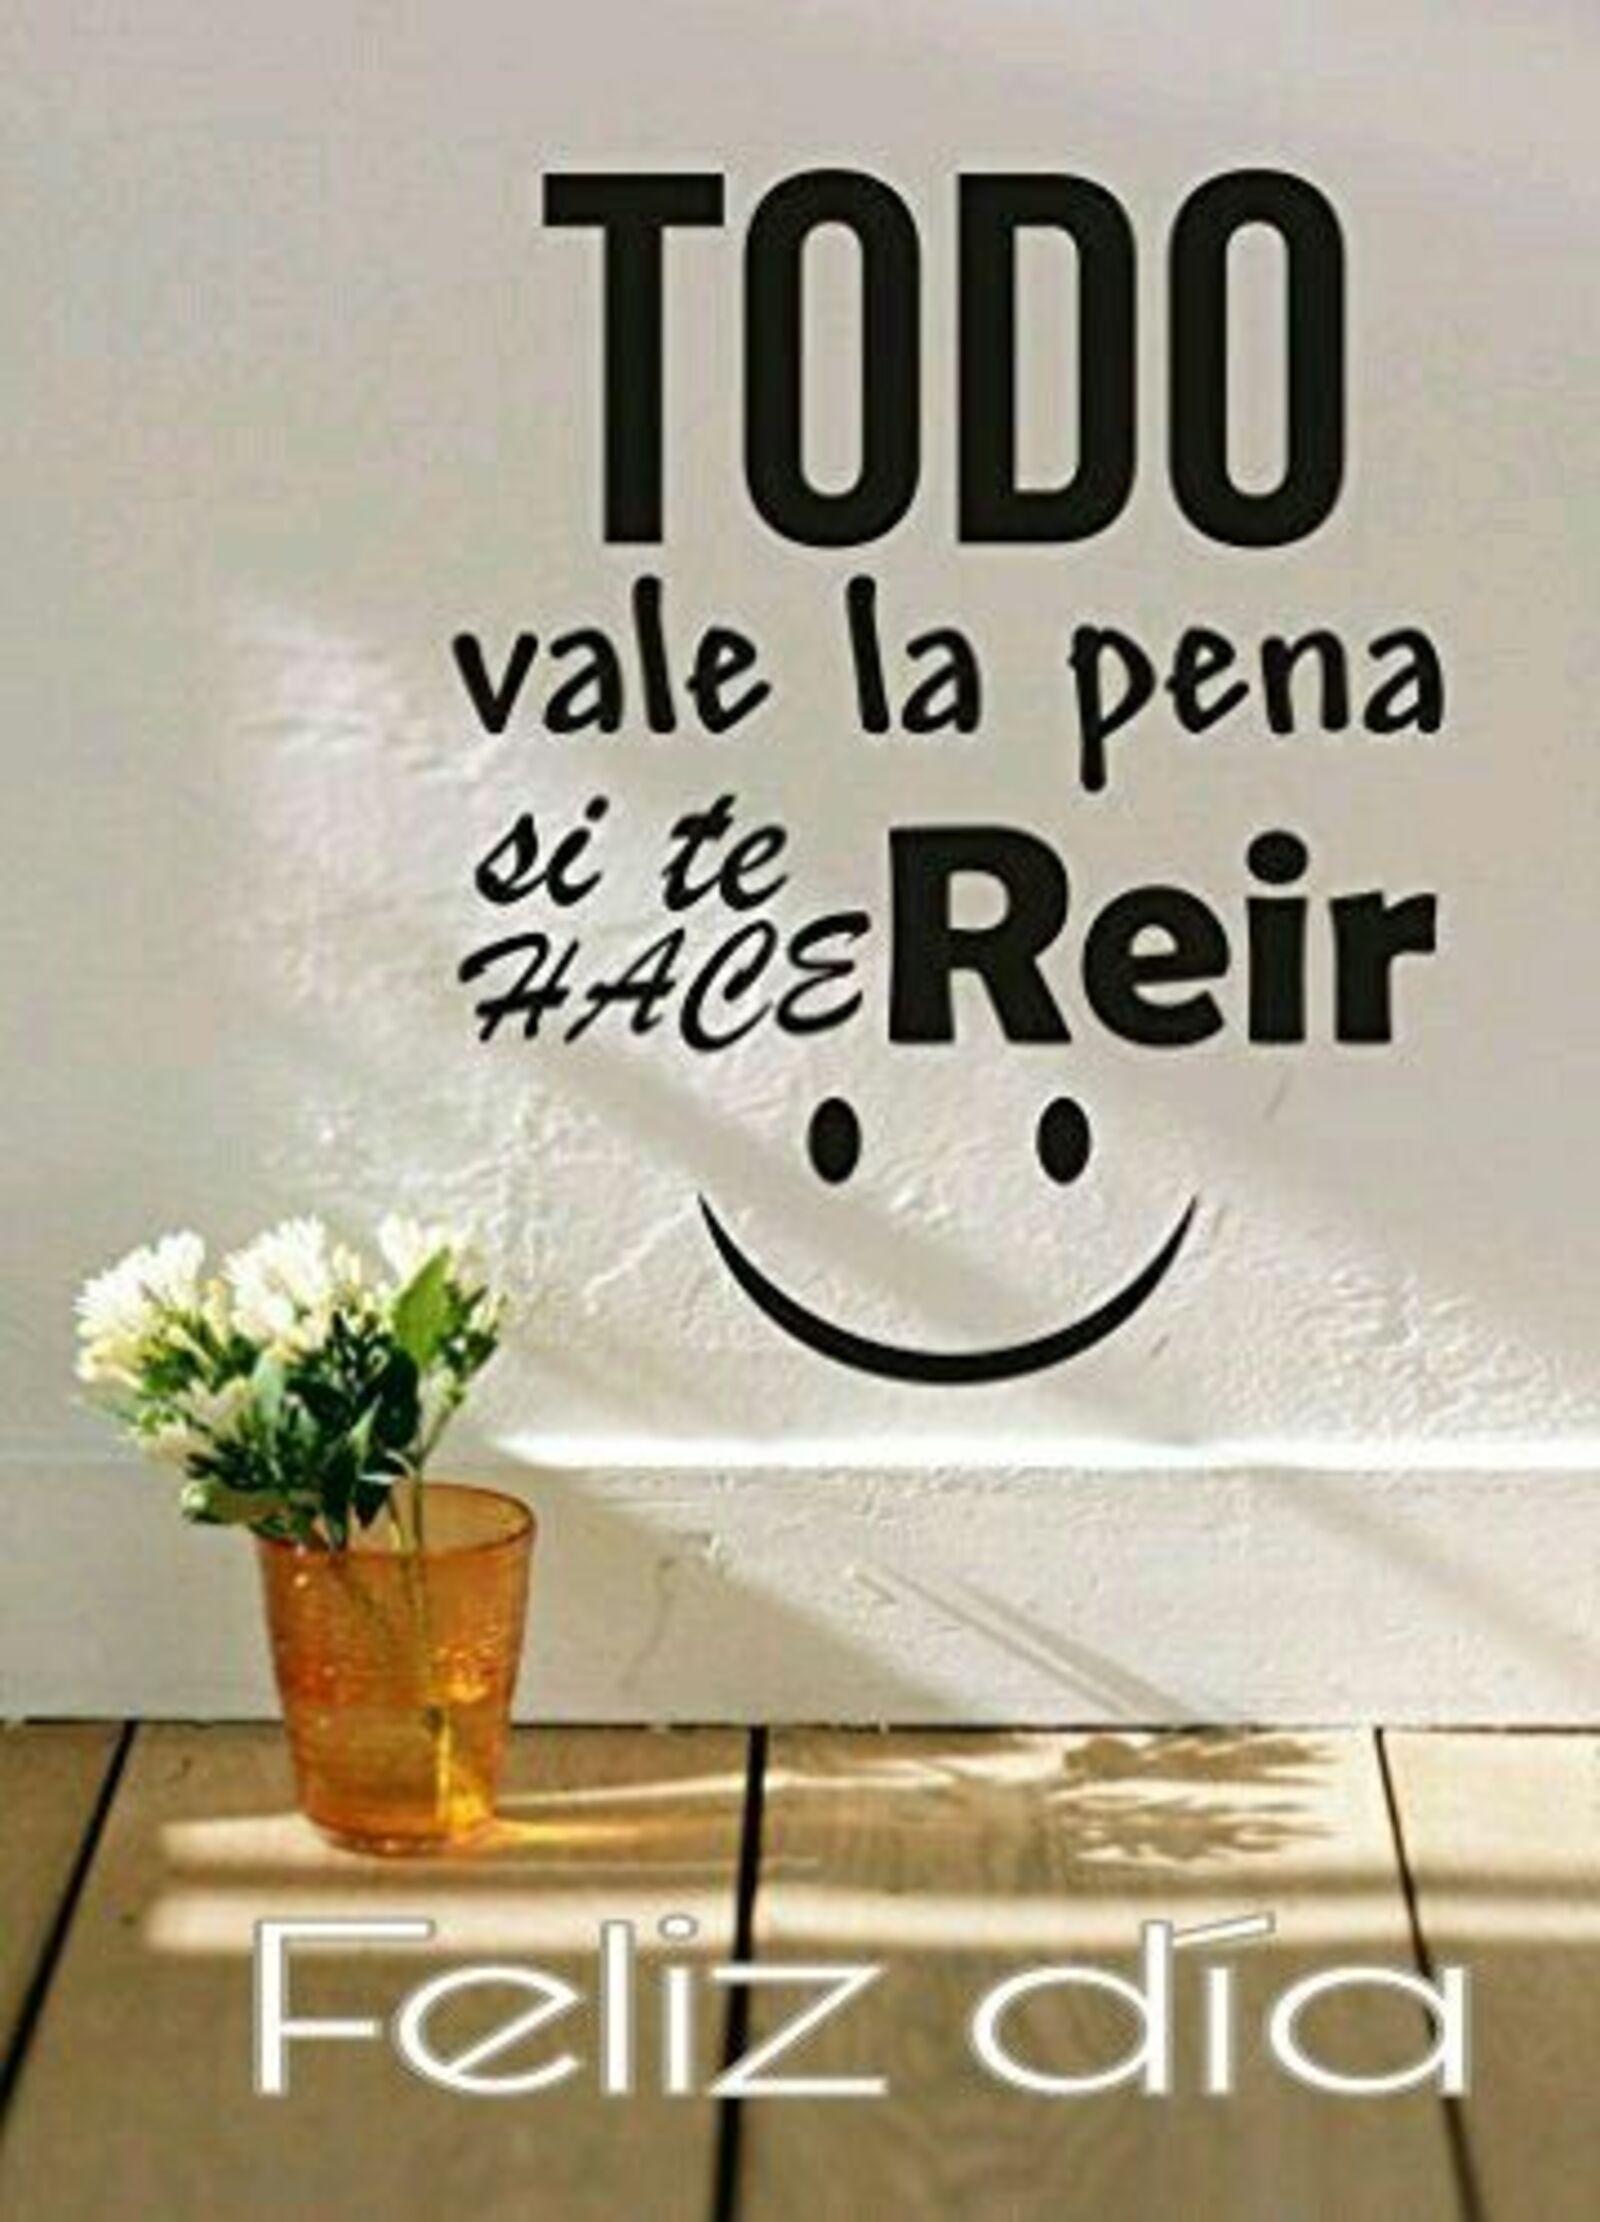 Todo vale la pena si te hace reír! Feliz día